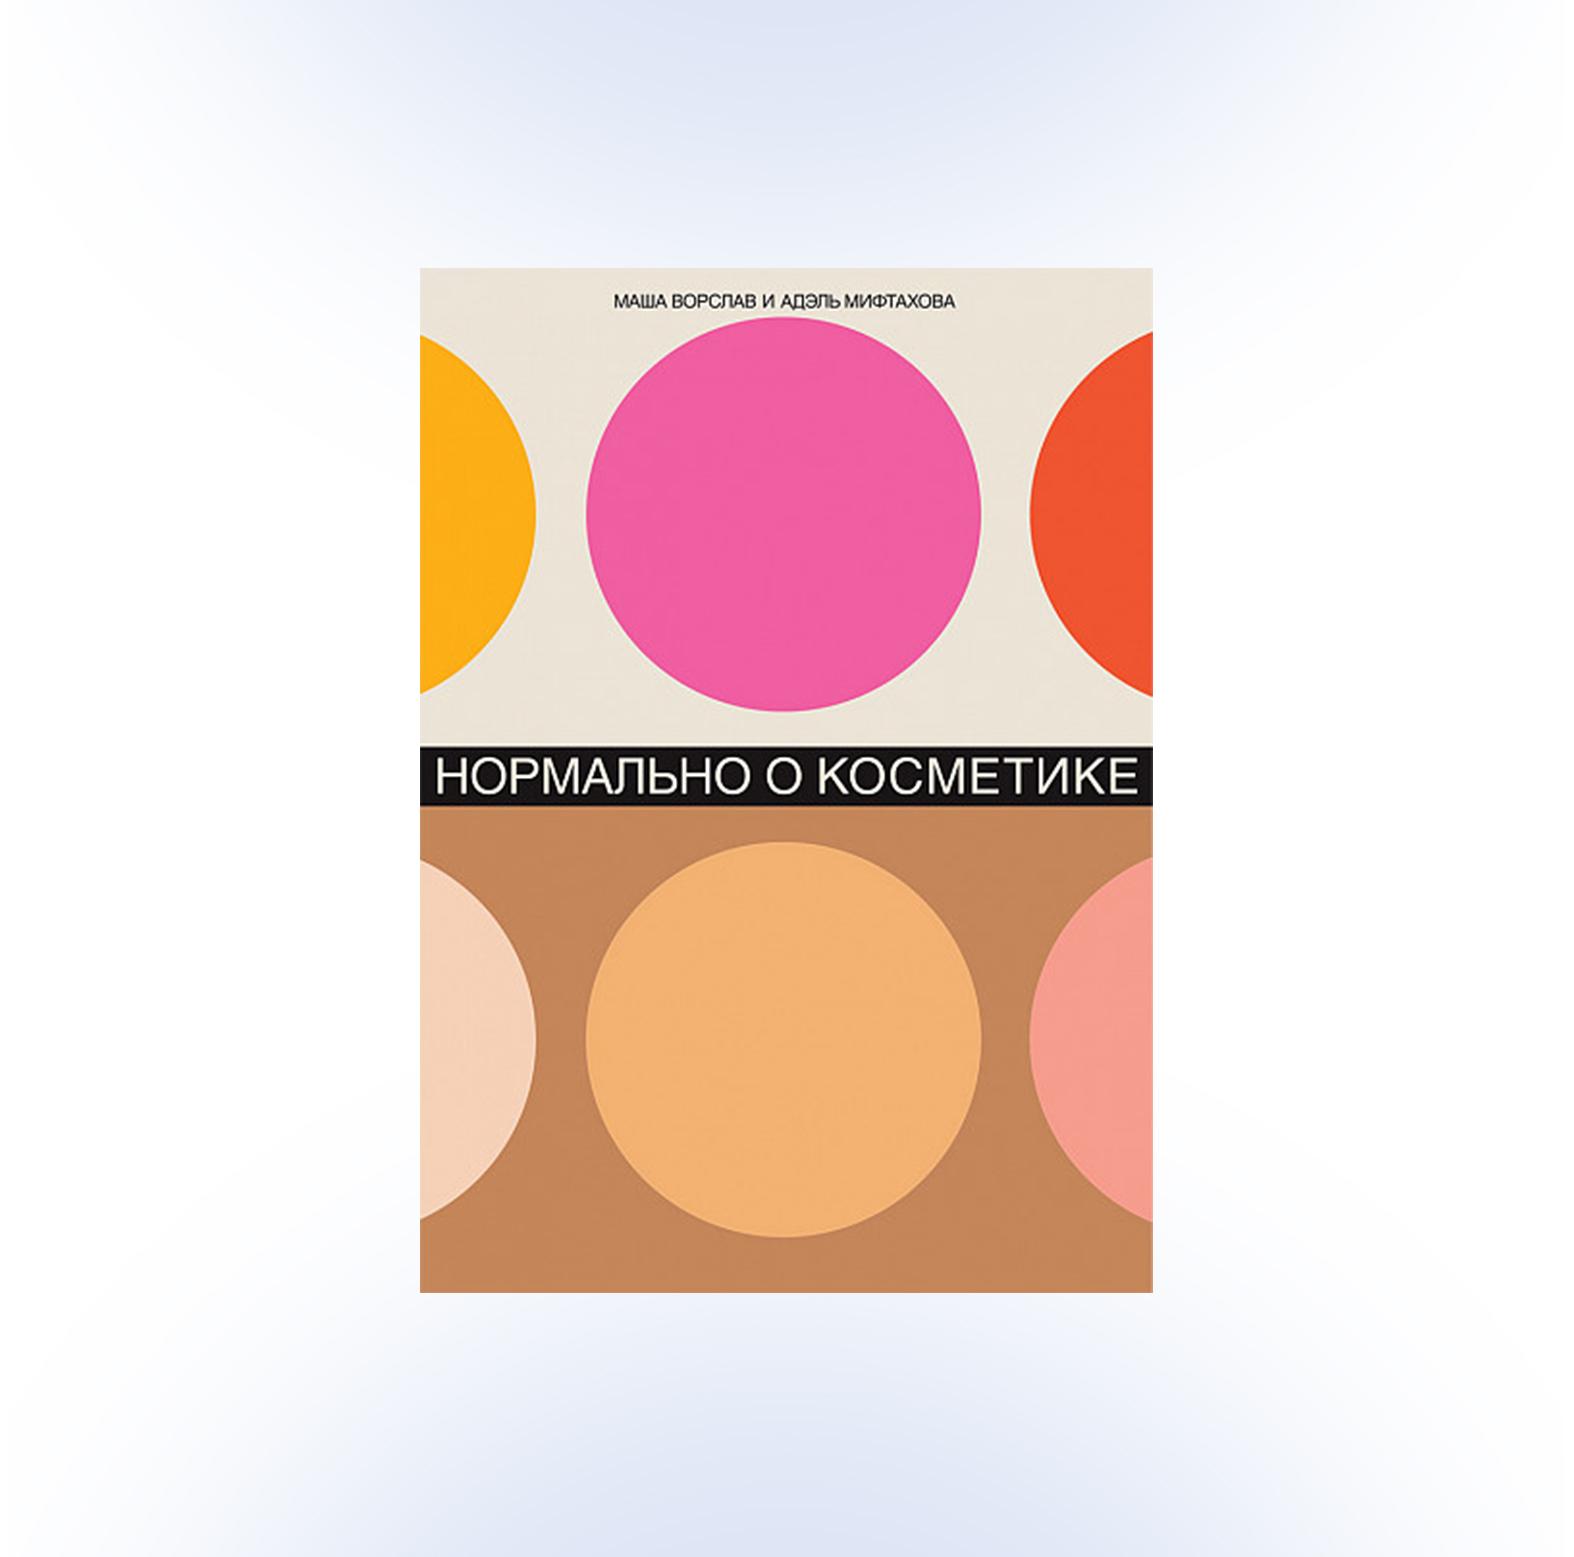 Книга «Нормально о косметике» Маши Ворслав И Адэль Мифтаховой